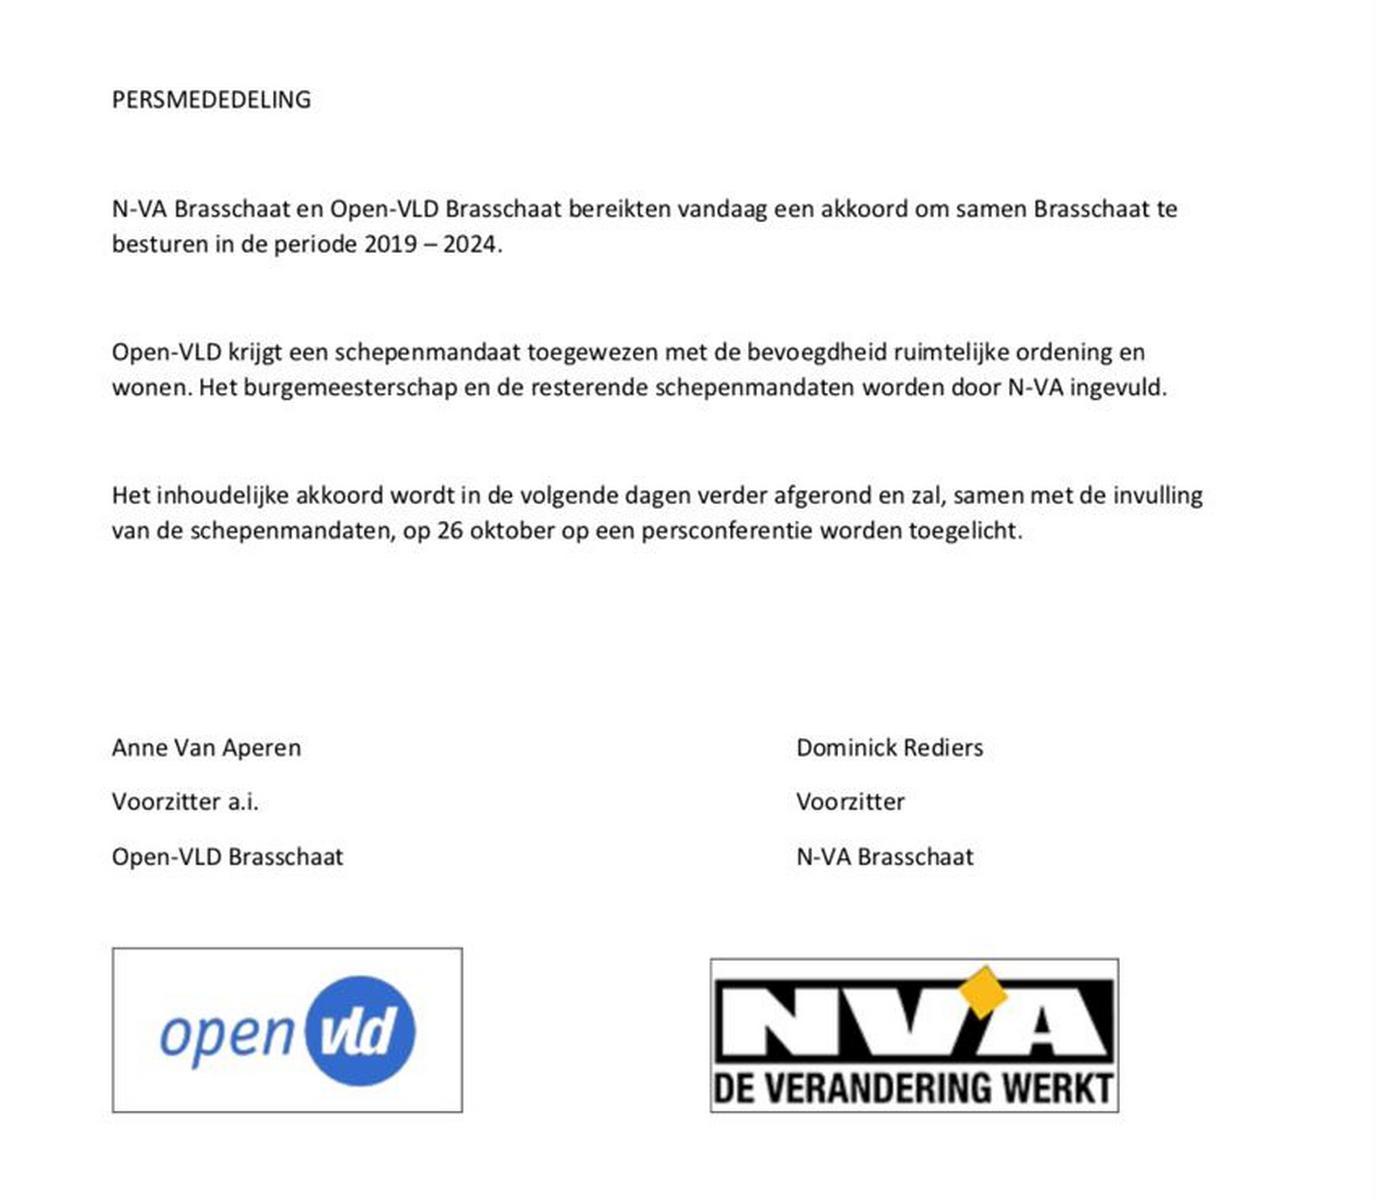 persmededeling O-VLD/N-VA